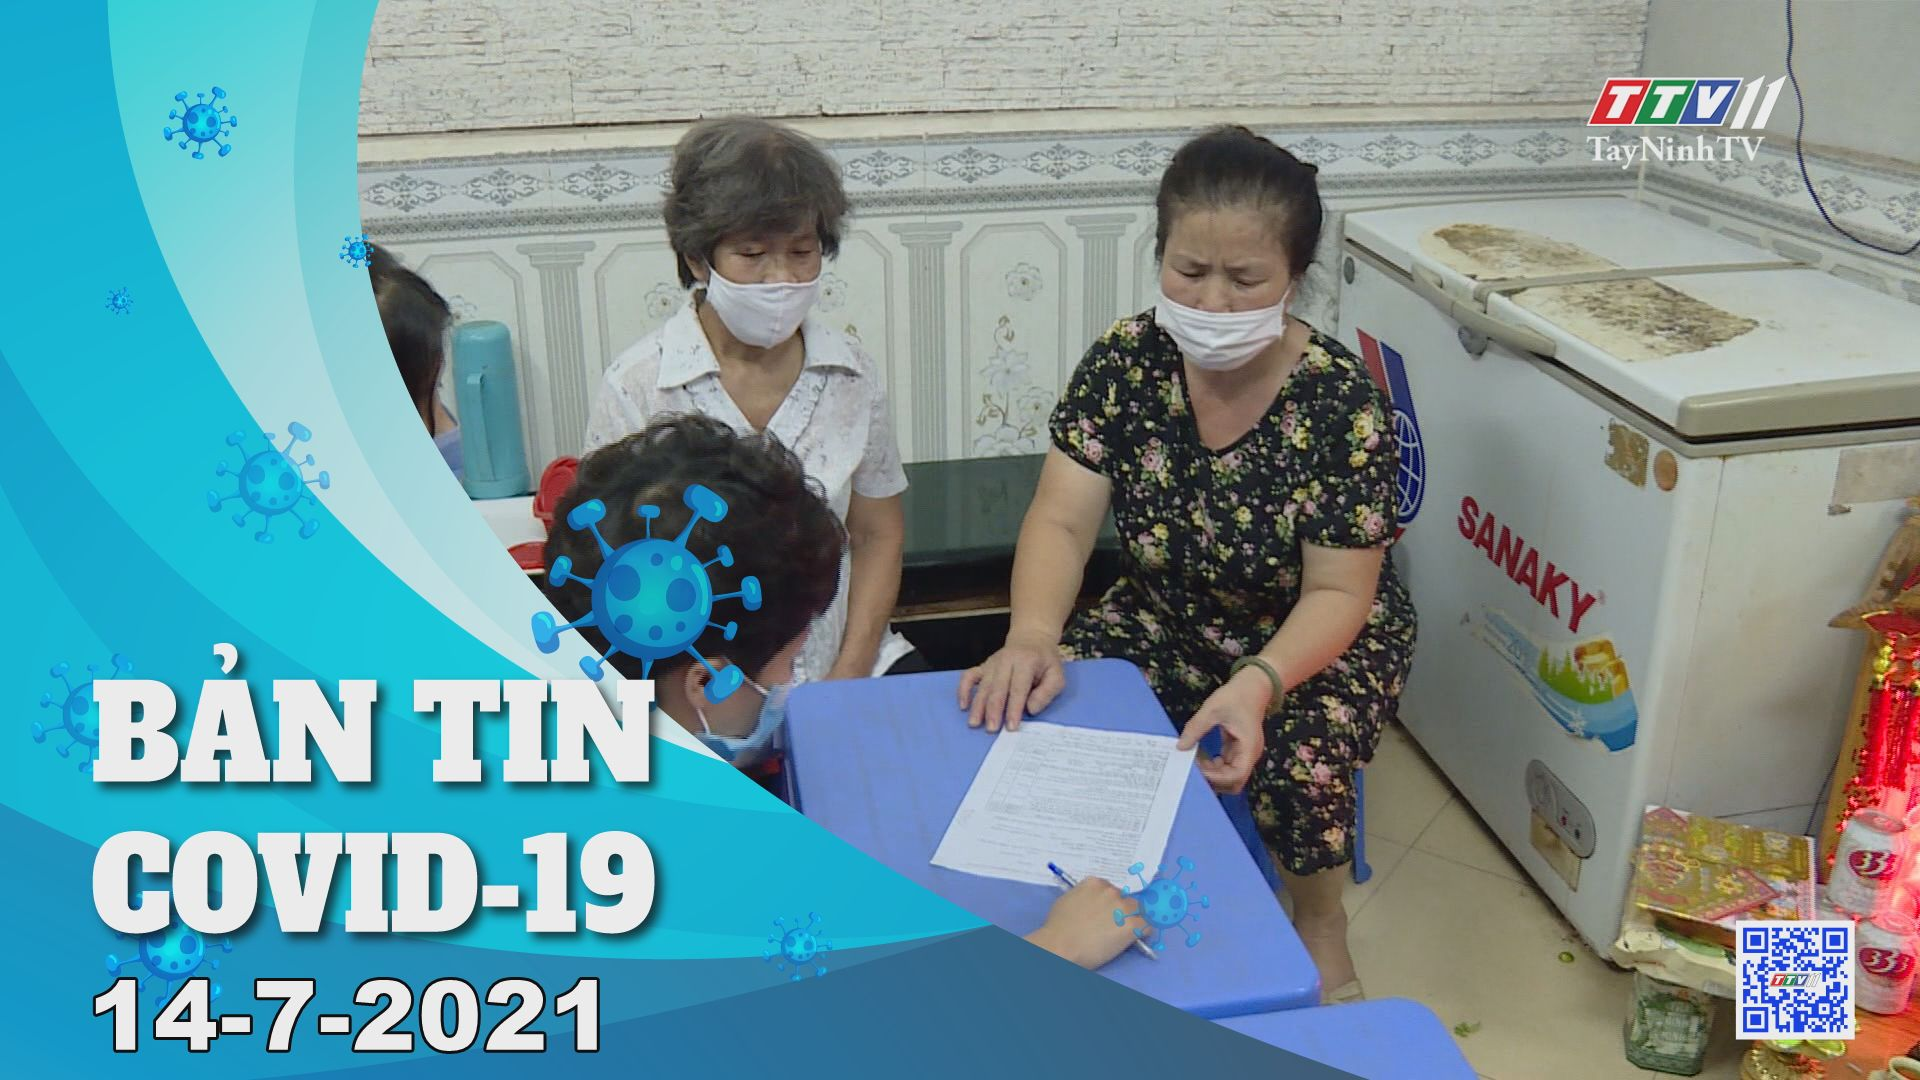 Bản tin Covid-19 | Tin tức hôm nay 14-7-2021 | TâyNinhTV